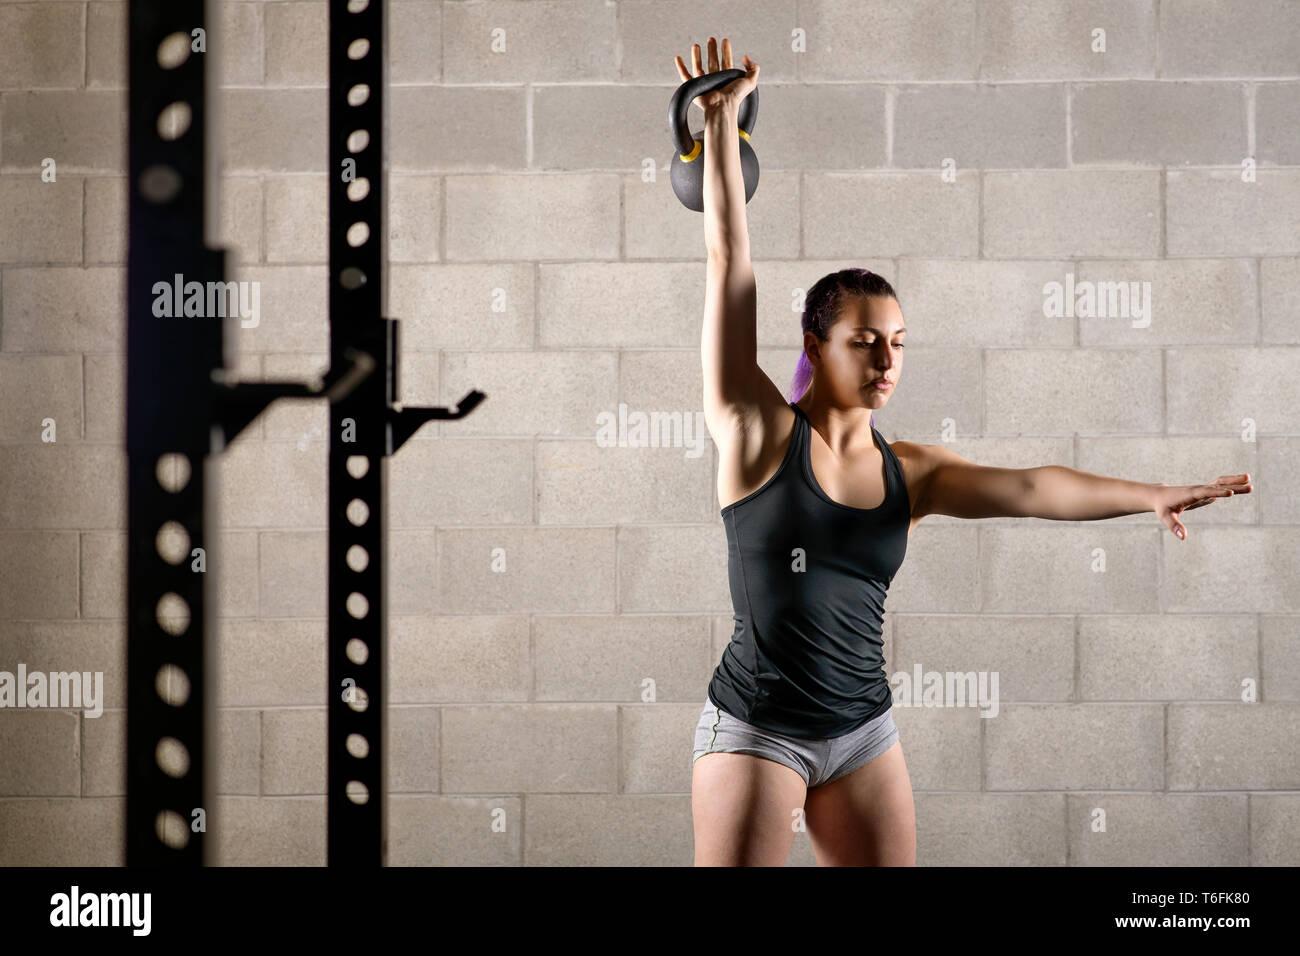 Forte musculaire jeune femme travaillant dans une salle de sport avec une augmentation de poids kettlebell avec bras étendu dans un concept de santé et de remise en forme Photo Stock